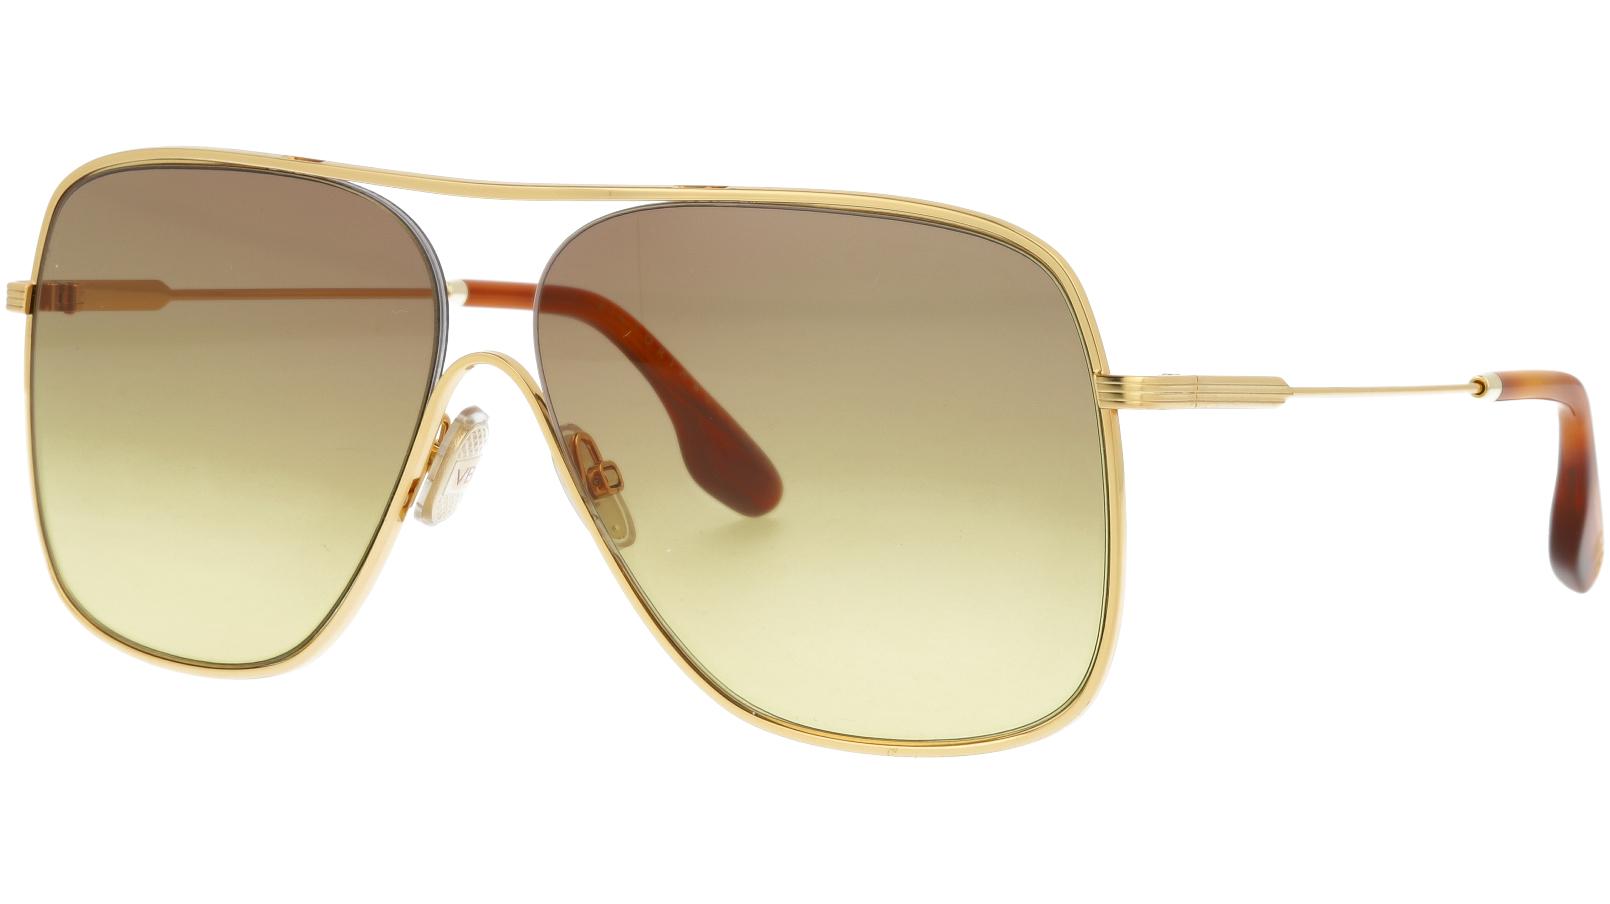 Victoria Beckham VB132S 709 61 Gold Sunglasses